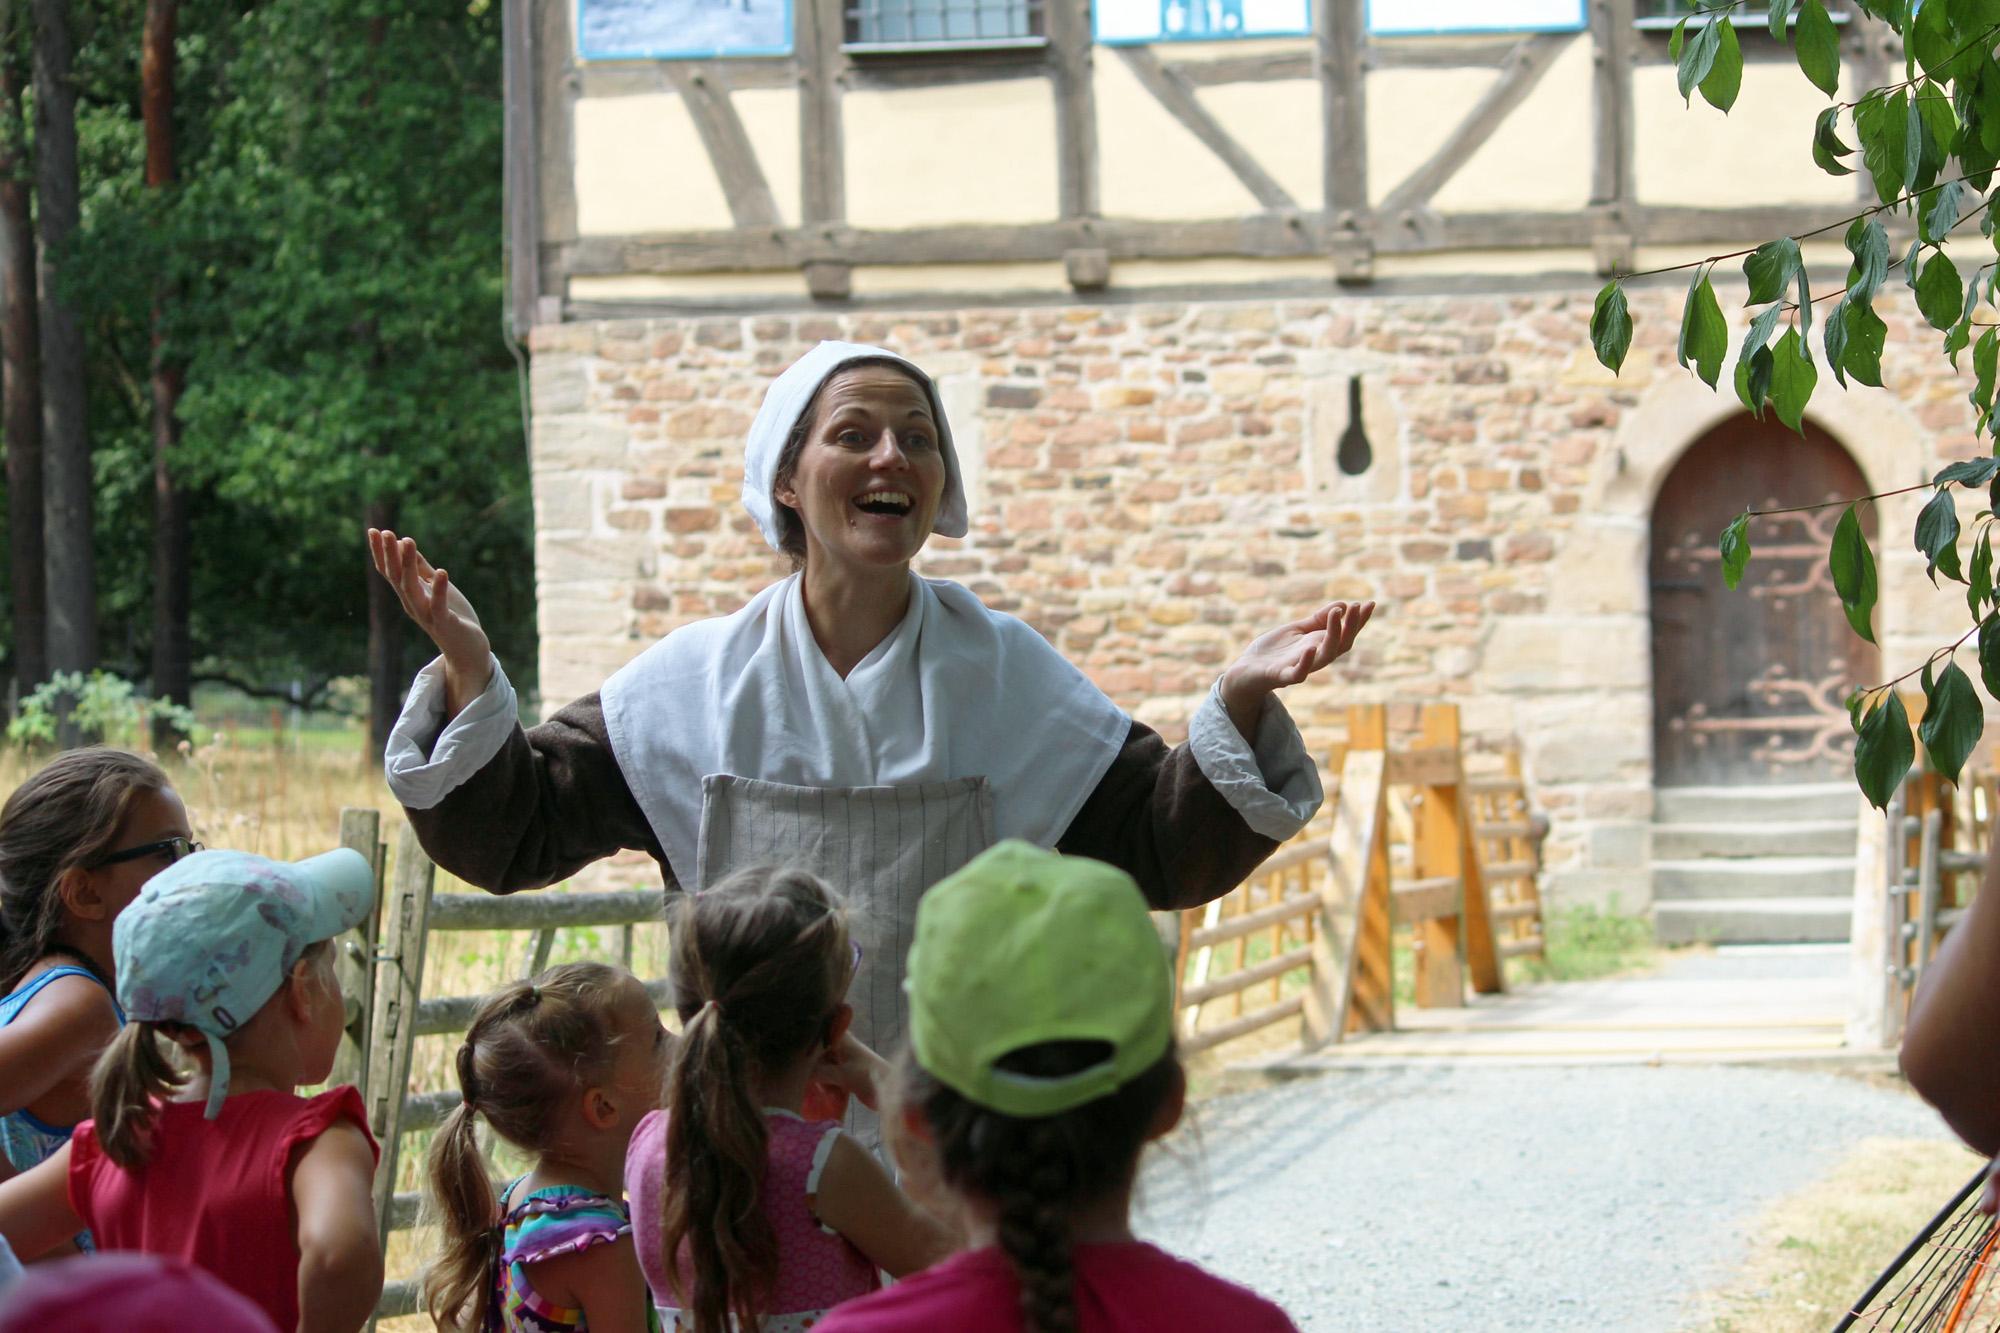 Die Märchenerzählerin steht vor einer Kindergruppe und erzählt aus einer Geschichte. Im Hintergrund sieht man eine Brücke und das Gebäude zu dem sie führt.